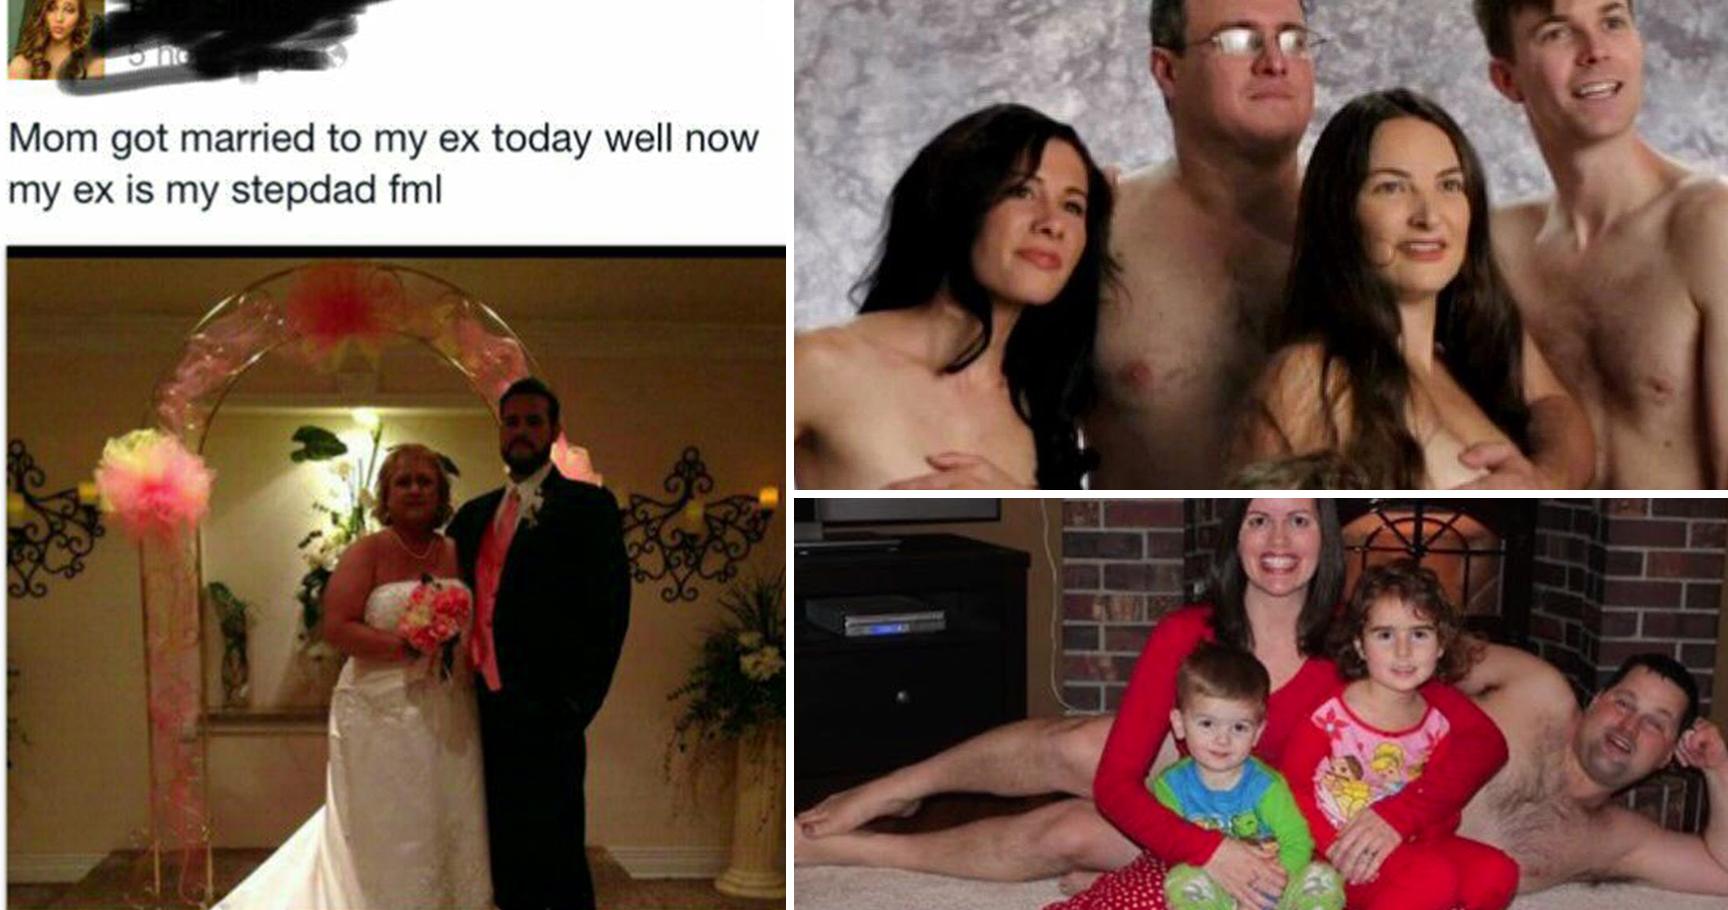 Full family incest